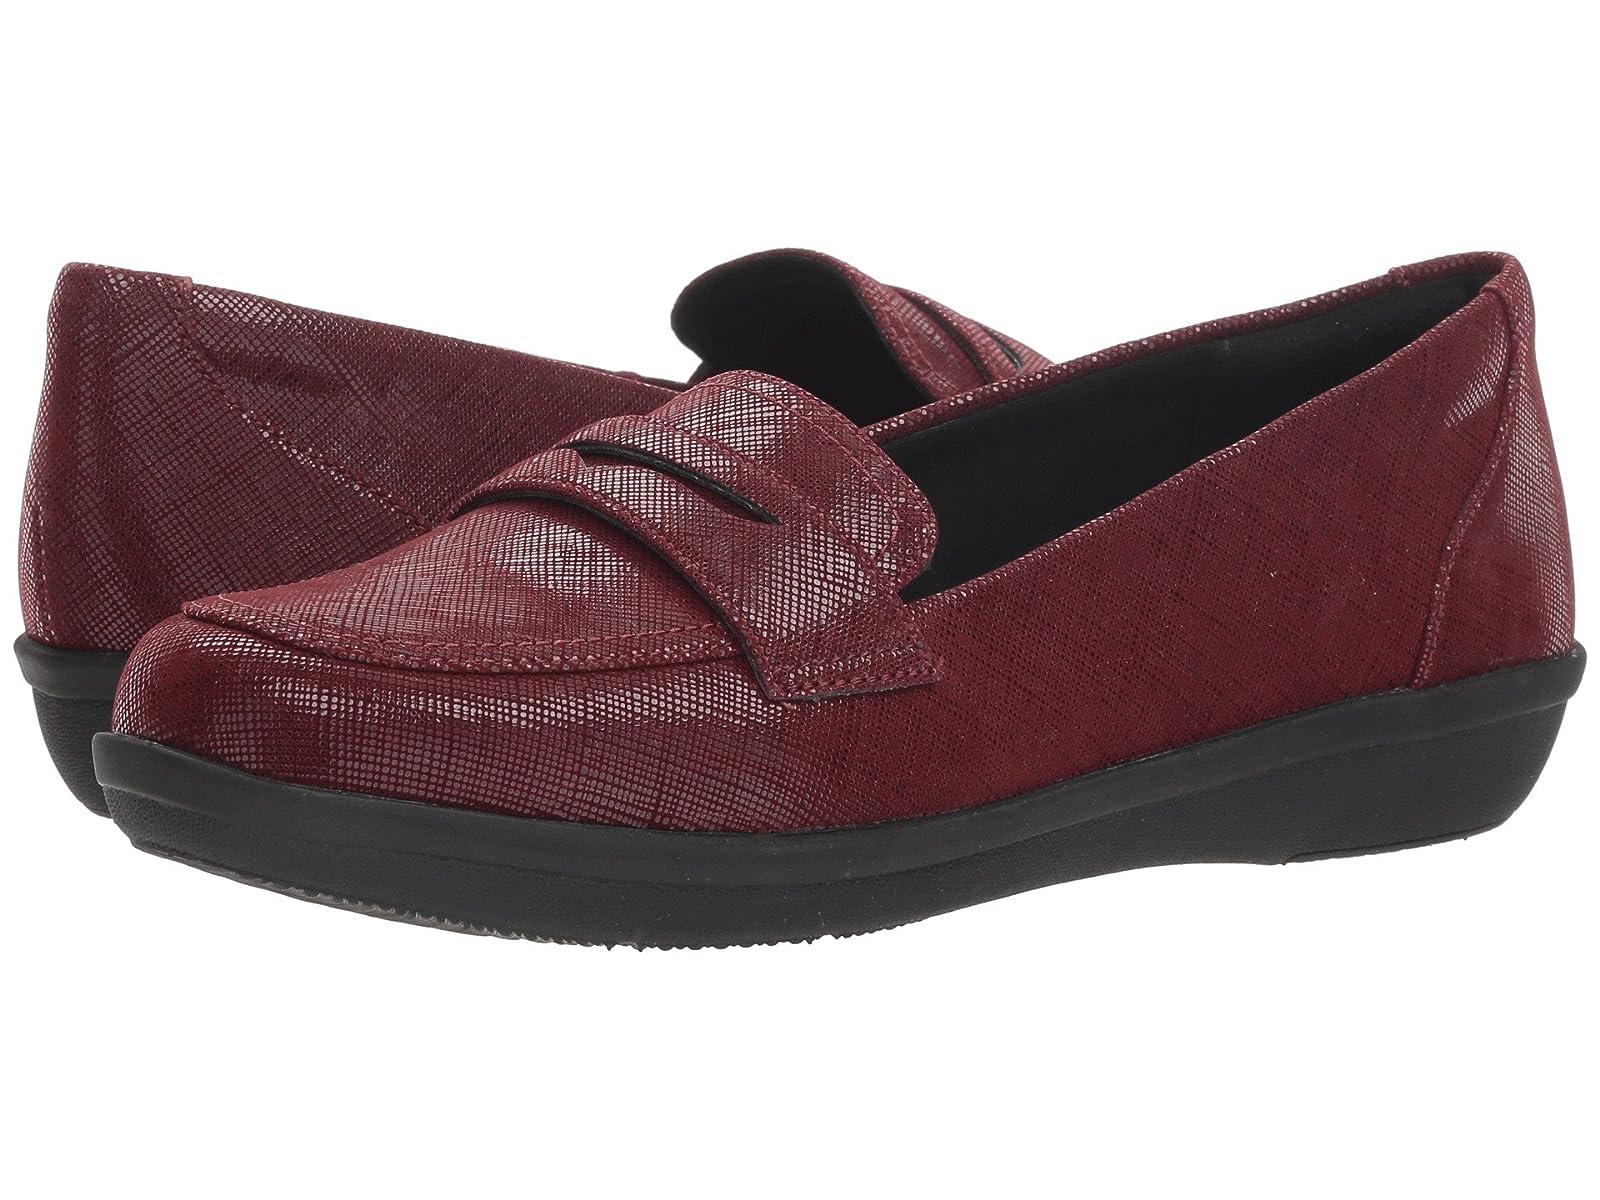 Clarks Ayla FormAtmospheric grades have affordable shoes